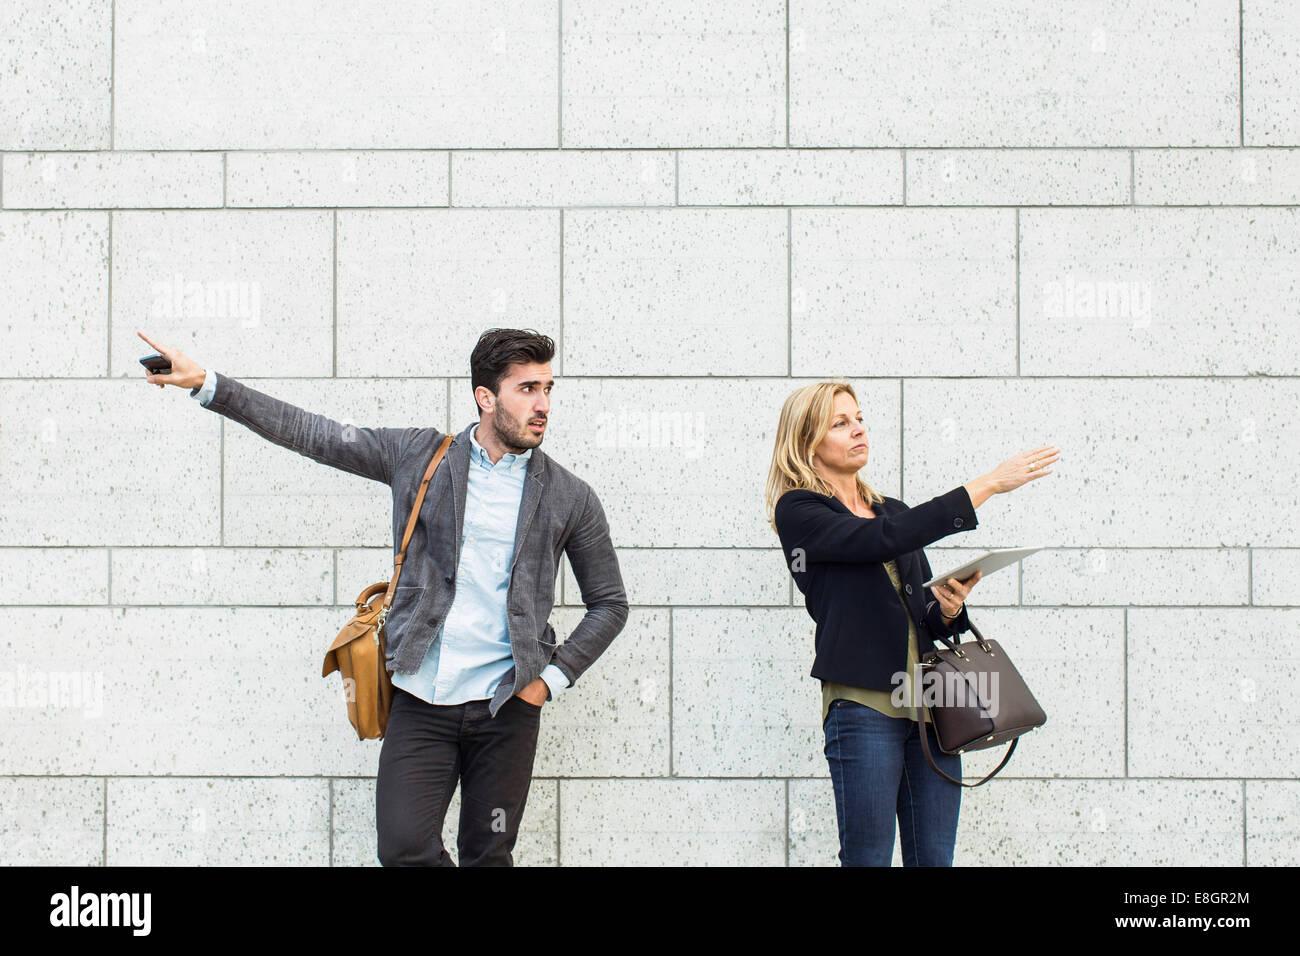 Geschäftskollegen zeigen entgegengesetzte Richtungen gegen die Wand im freien Stockbild